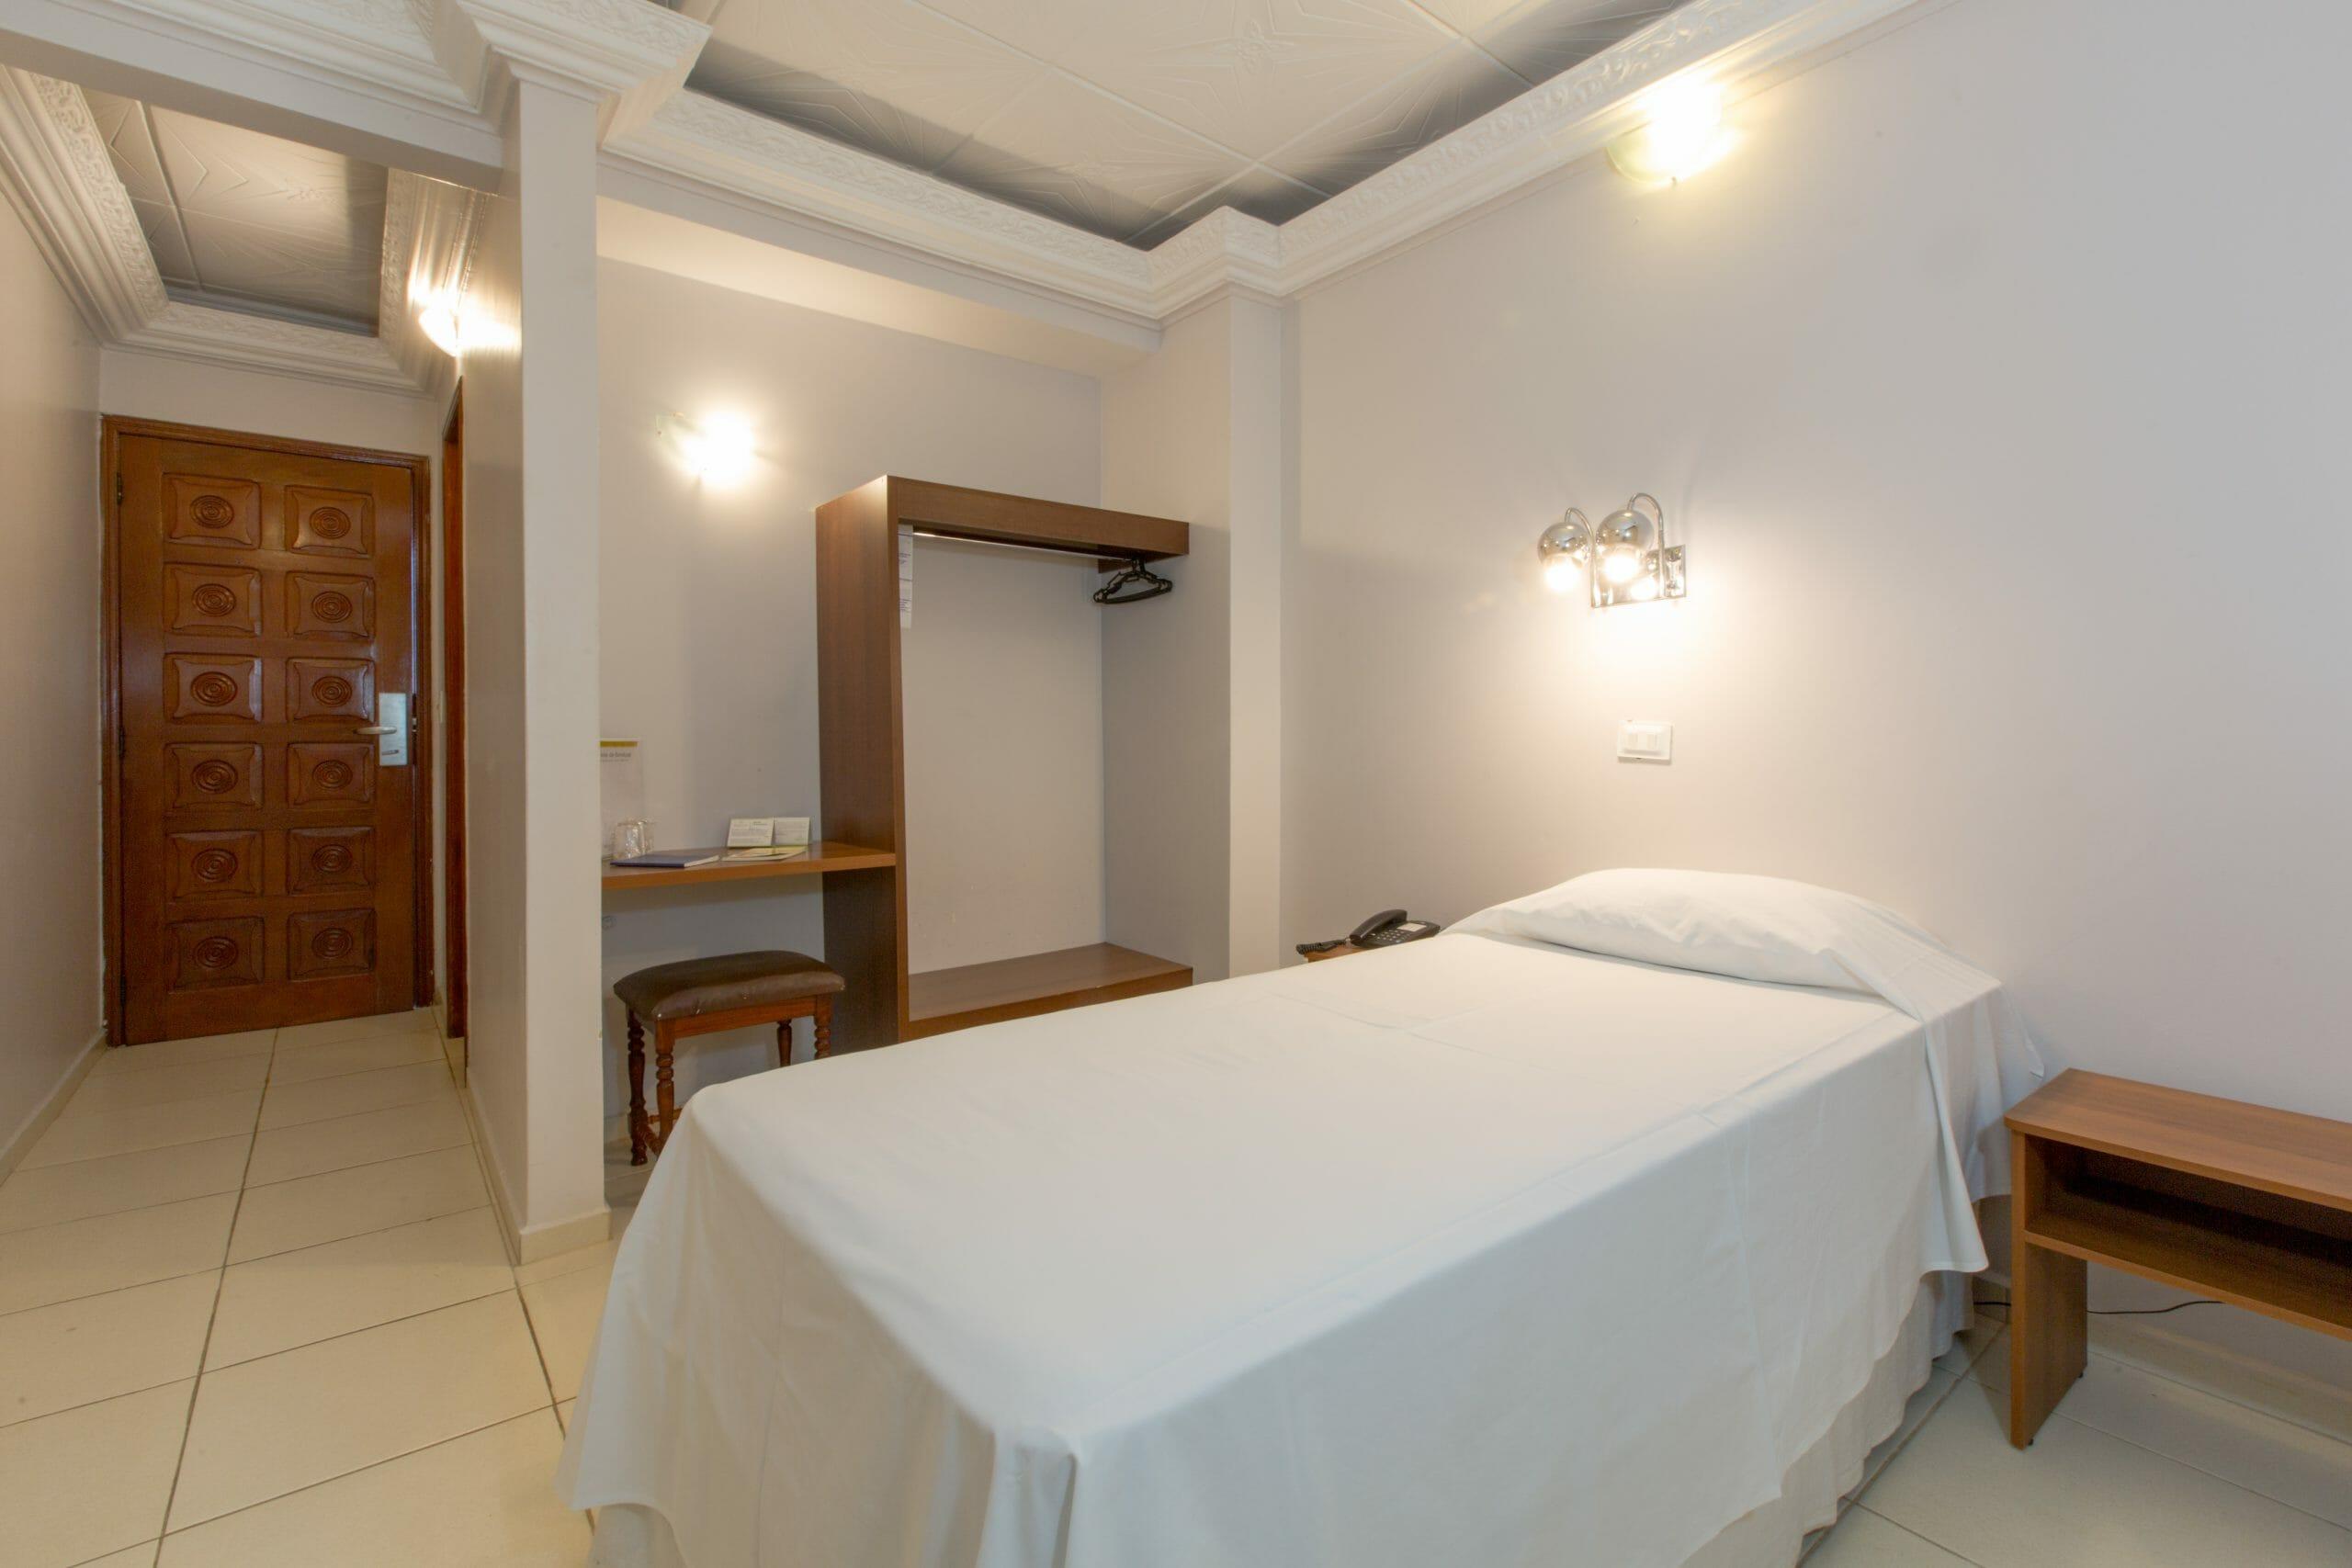 Procurando por hotel no centro de Foz do Iguaçu? O Mirante Hotel é a sua melhor opção! apartamento individual